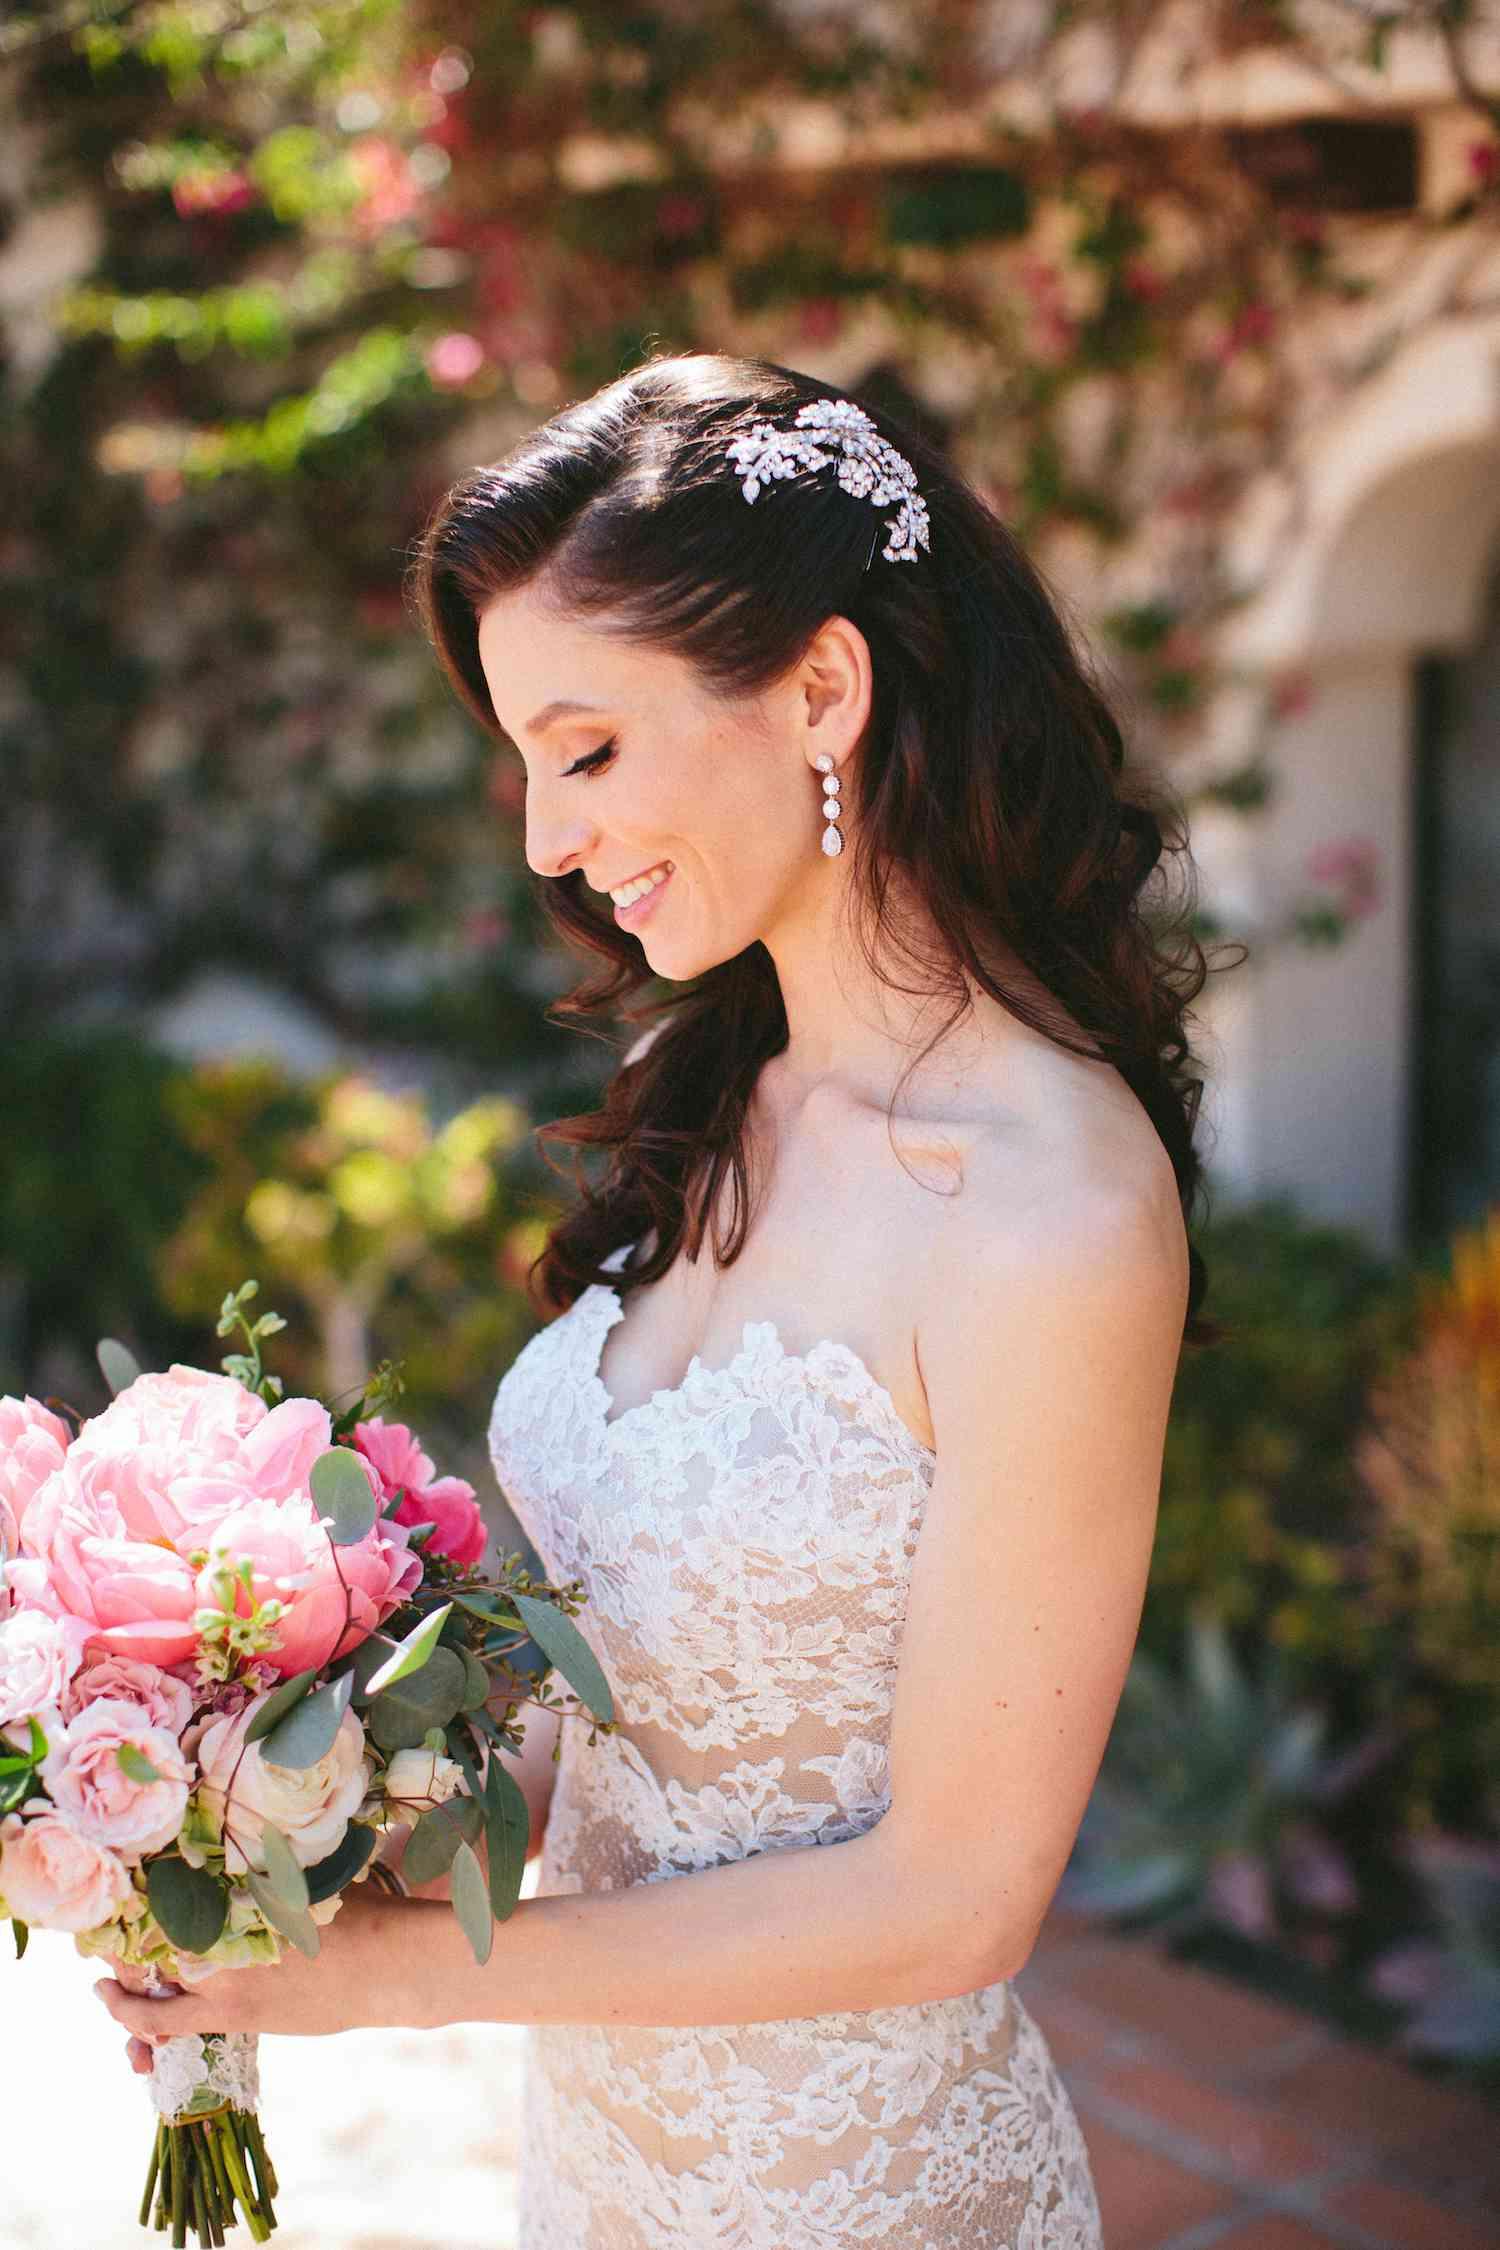 Solo shot bride with bouquet